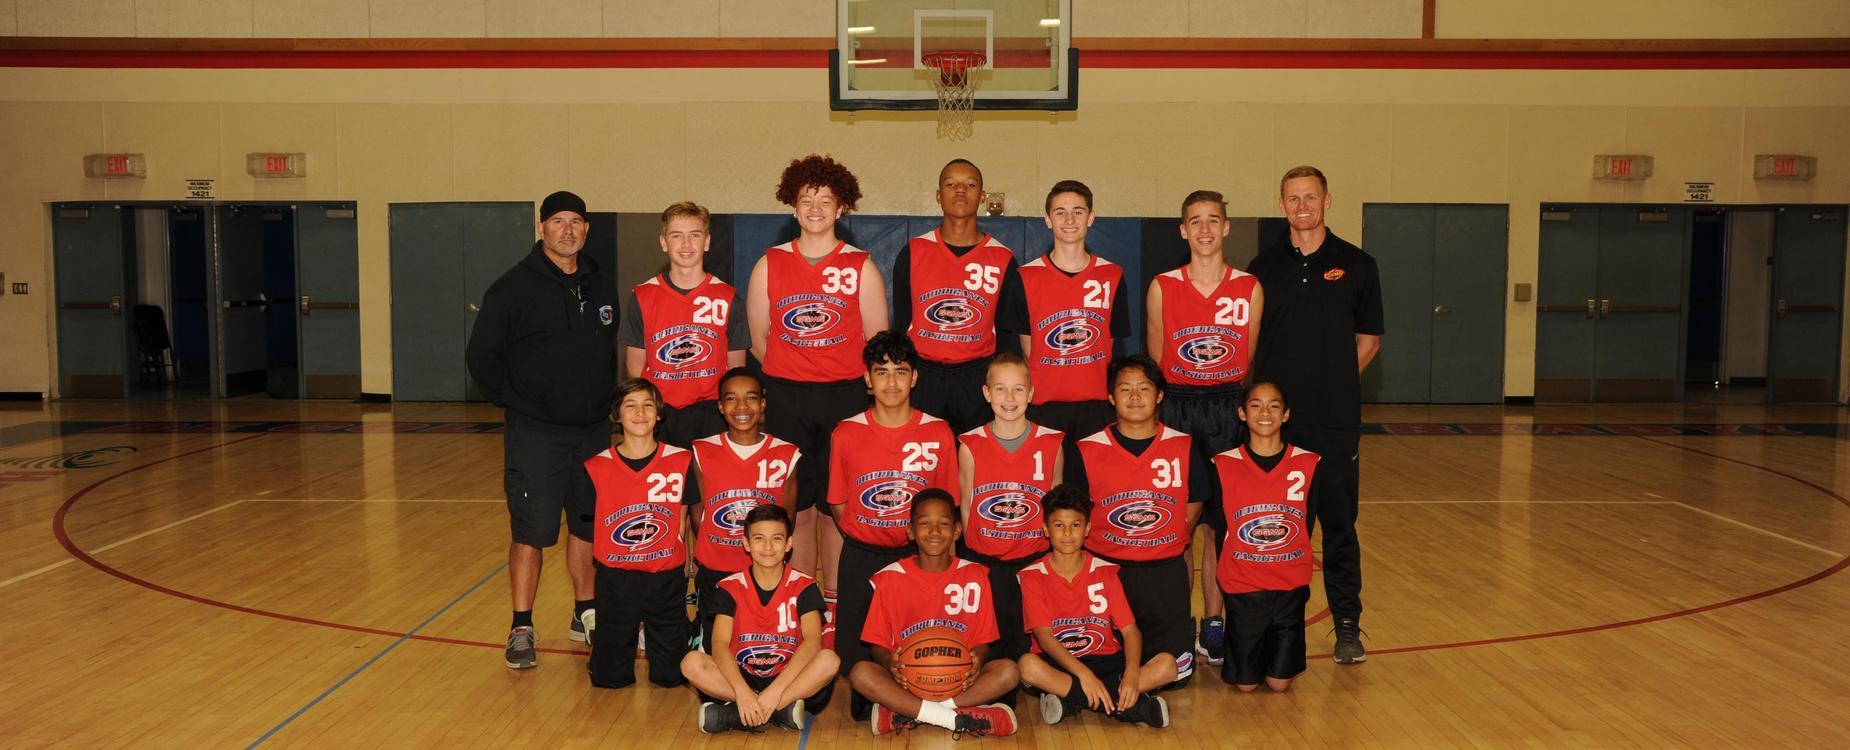 SGMS Boys Basketball team 17-18